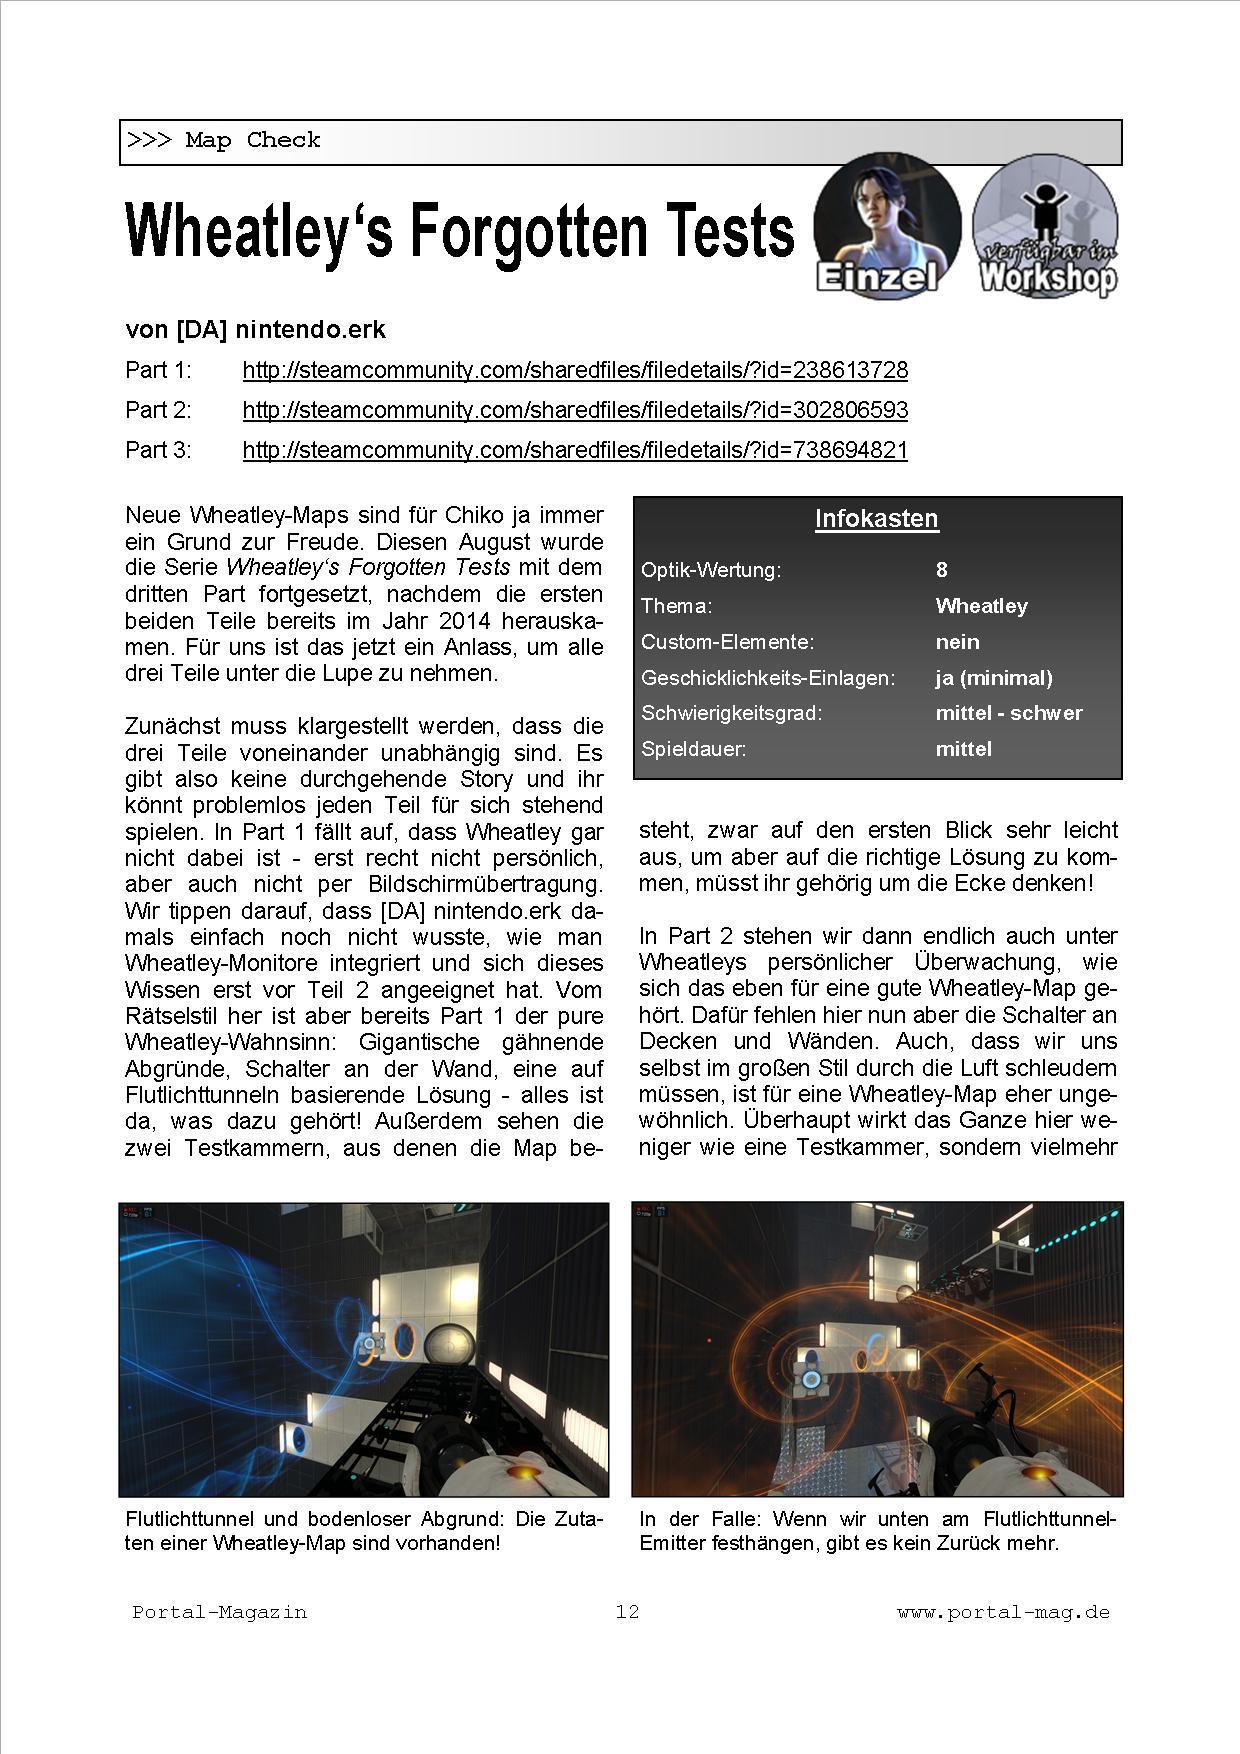 Ausgabe 36, Seite 12